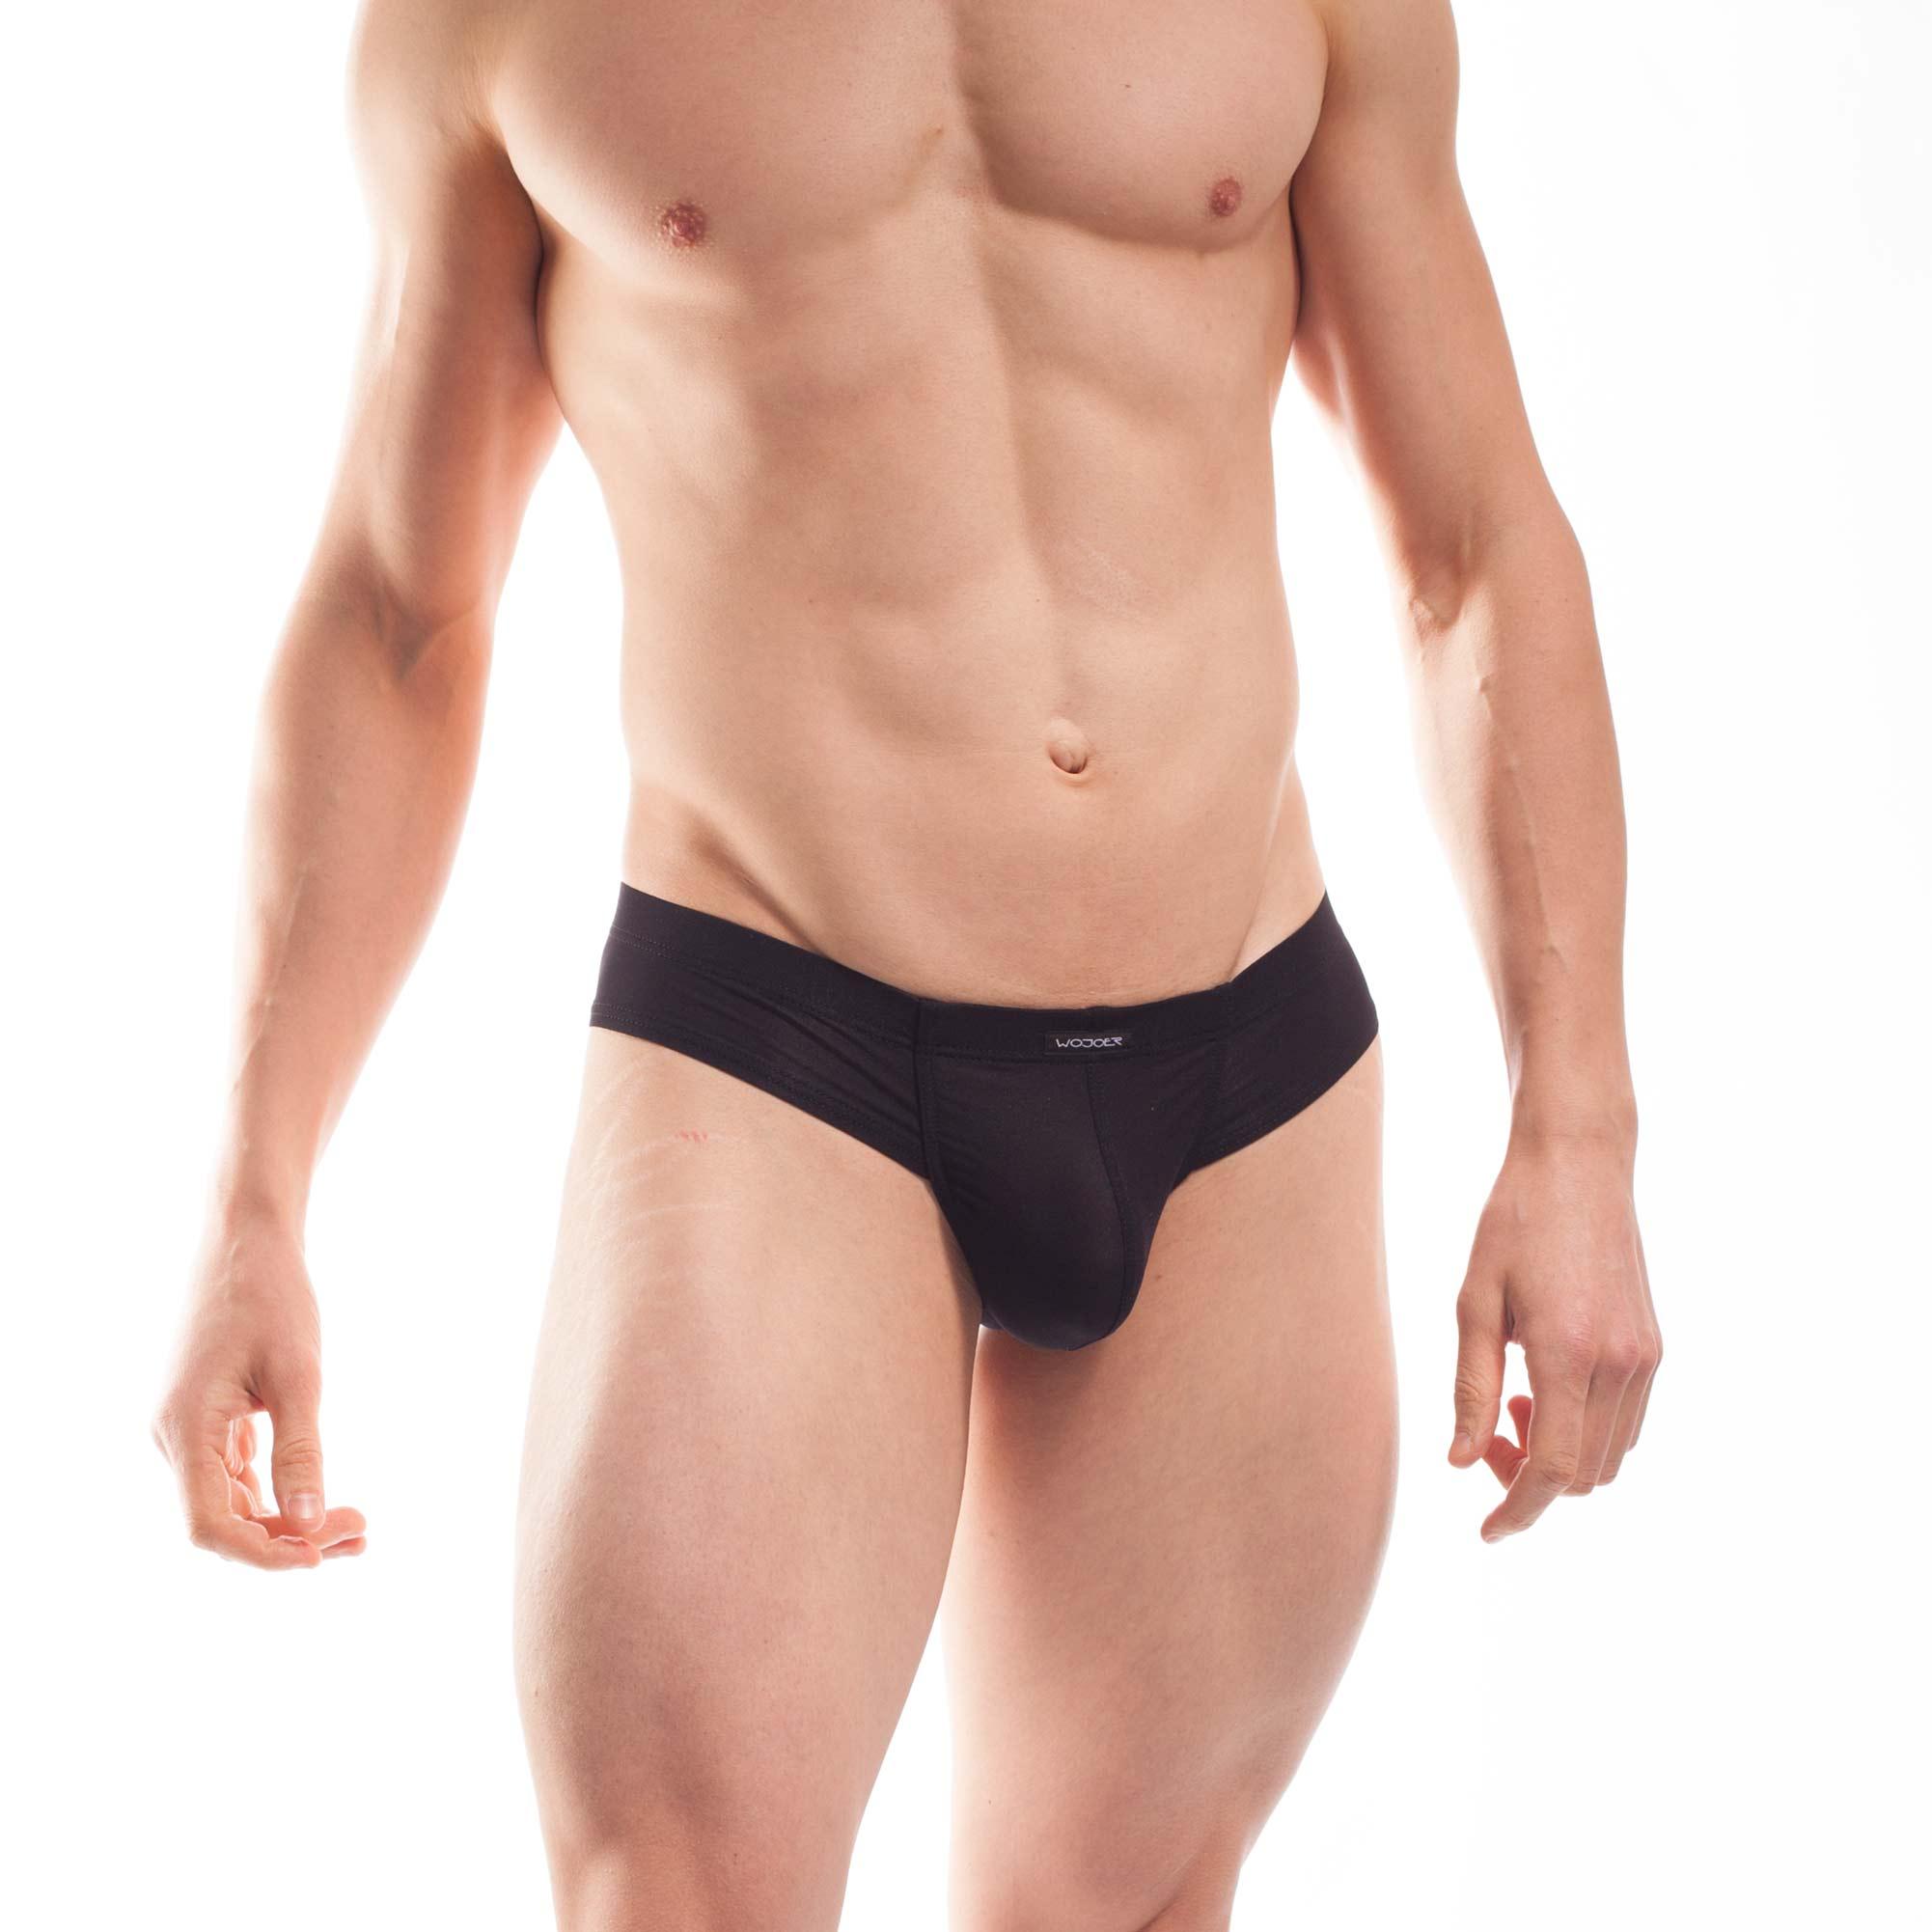 Wer auffallen will muss WOJOER BEUN basic tragen So sportlich sexy kann die Badehose für Männer sein und so bequem für den Alltag. Der Beach & Underwear BASIC Mini Hipster ist ein Traum für Auge und Körper. Denn Er verführt mit…